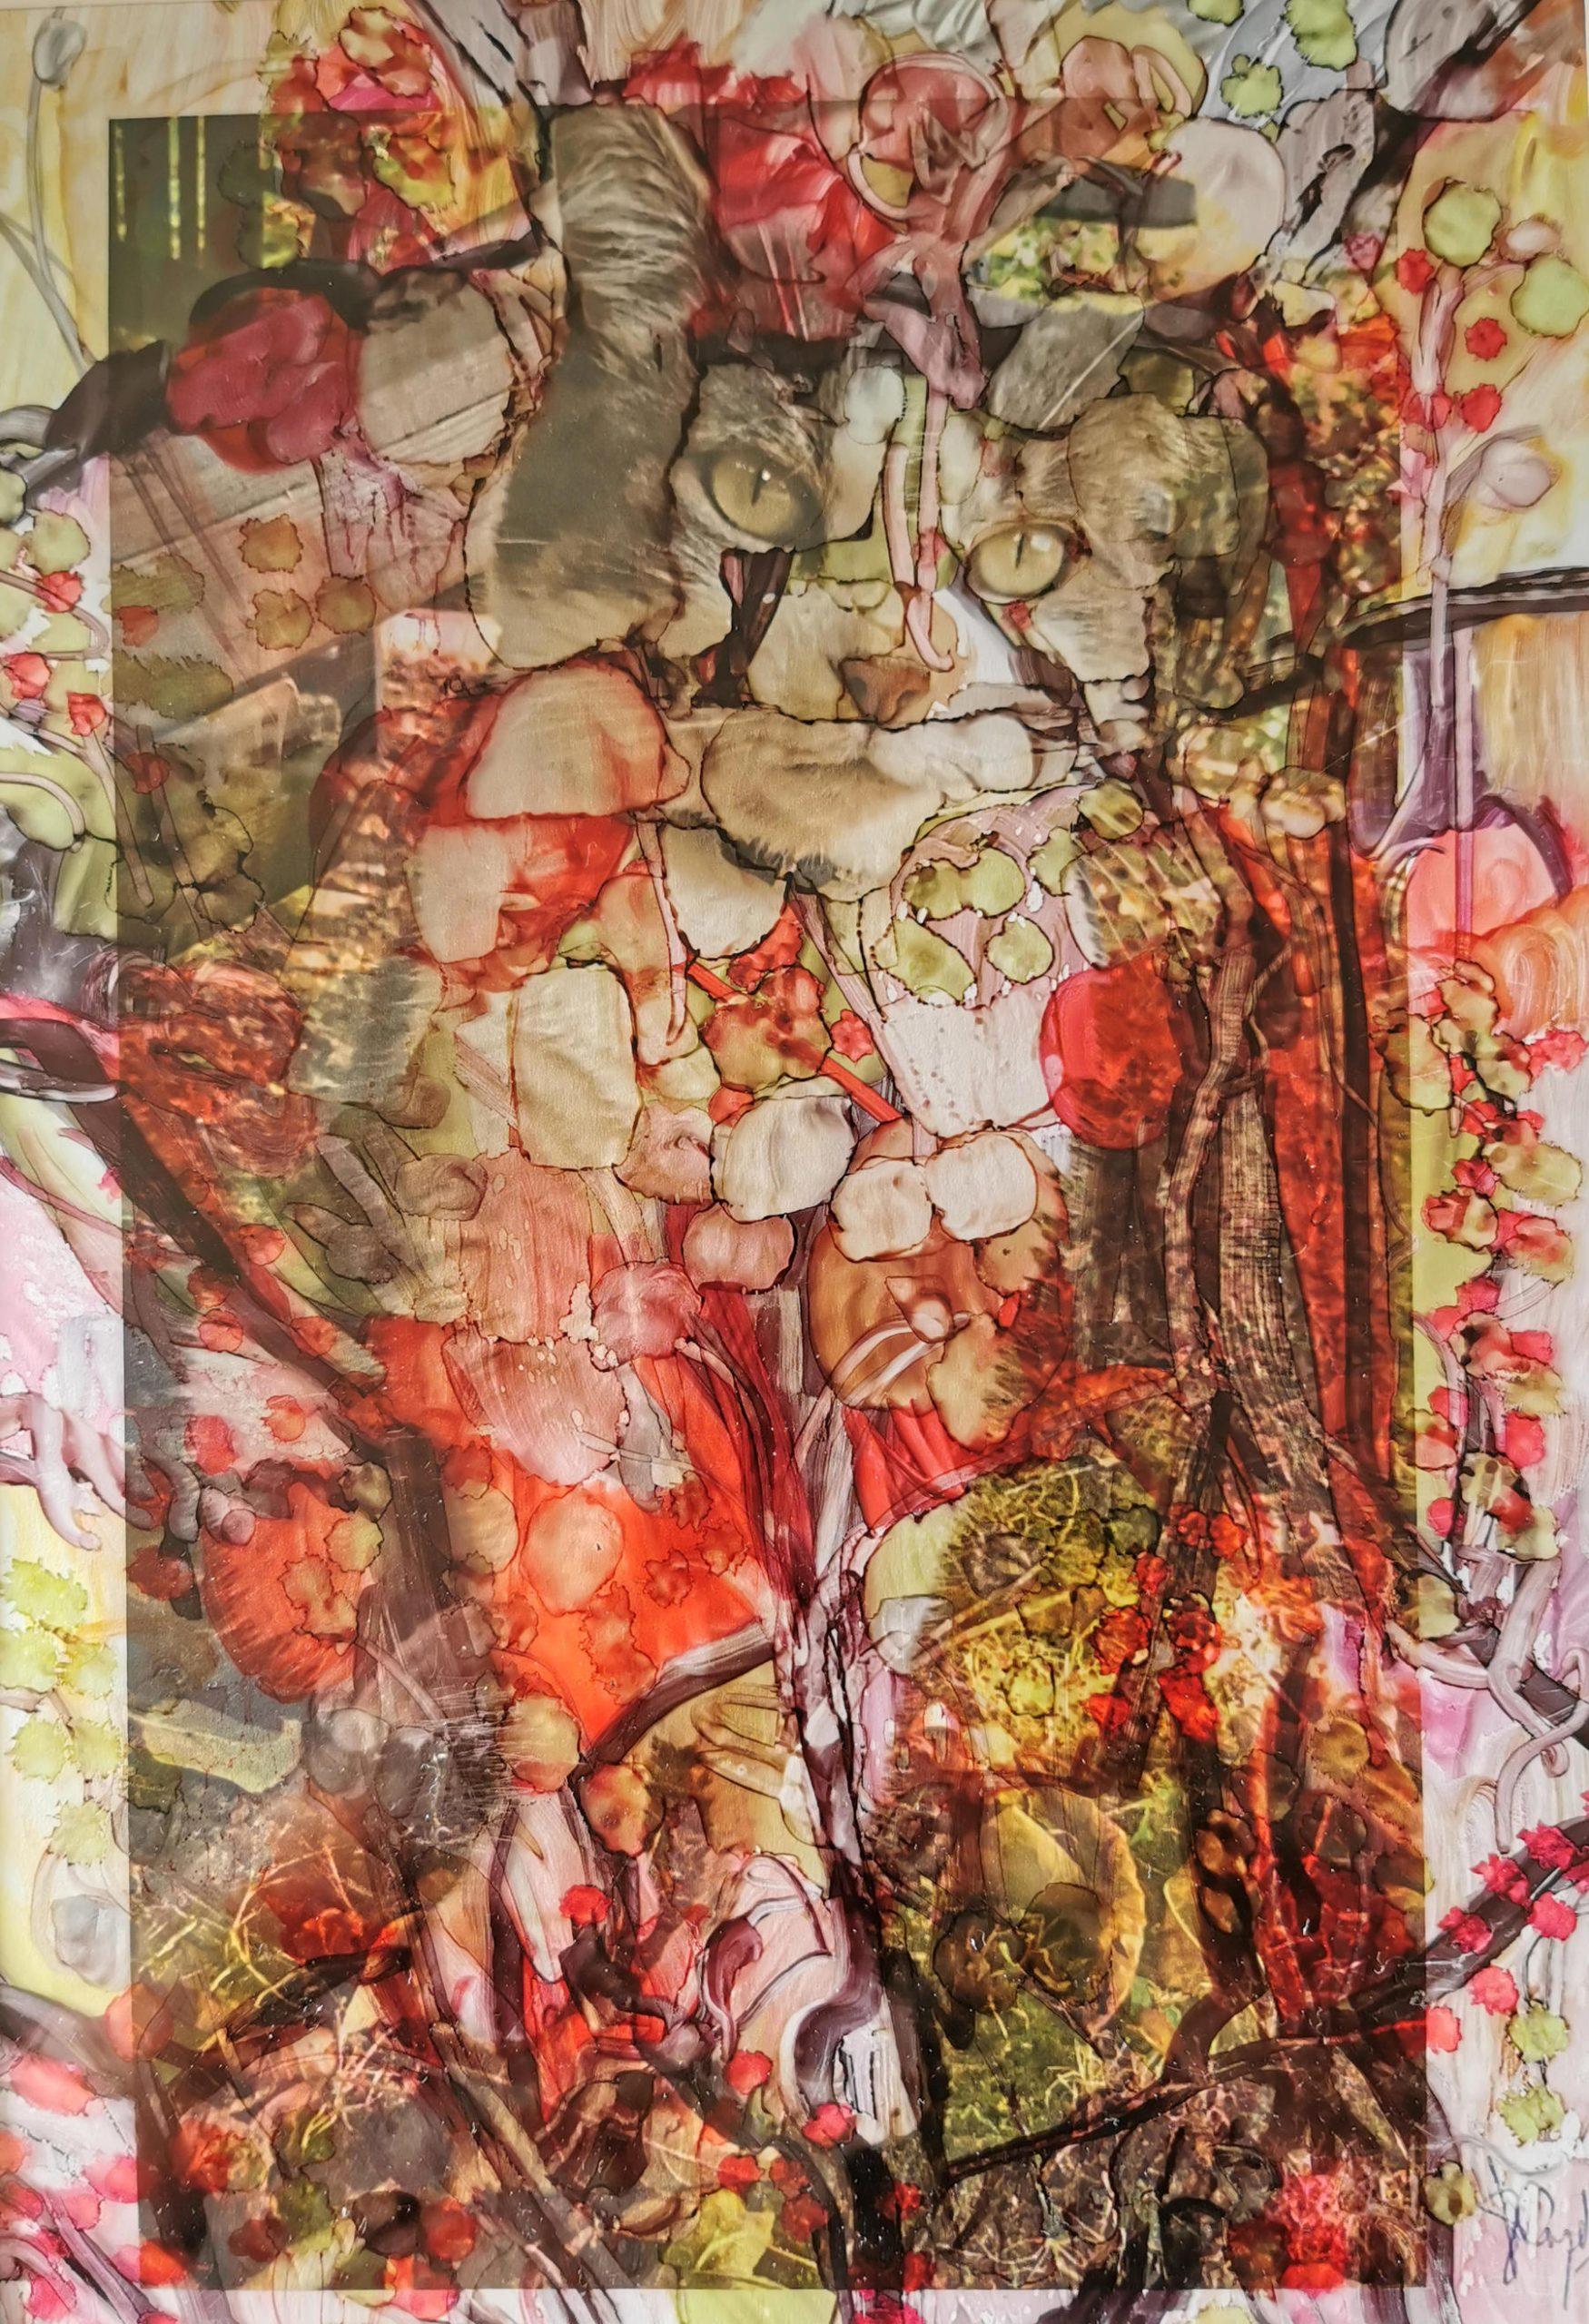 """<span style=""""color: #ff0000;""""><a style=""""color: #ff0000;"""" href=""""mailto:muriel.cayet@gmail.com?subject=Défi 15 dessins 15 semaines - Gala des fleurs""""> Contacter l'artiste</a></span> Muriel Cayet - Gala des fleurs - 80€  (transaction directement avec l'artiste) - tech. mixte sur chemise plastique avec photo - format A4 - Sous passe-partout 40 x 30 cm noir"""